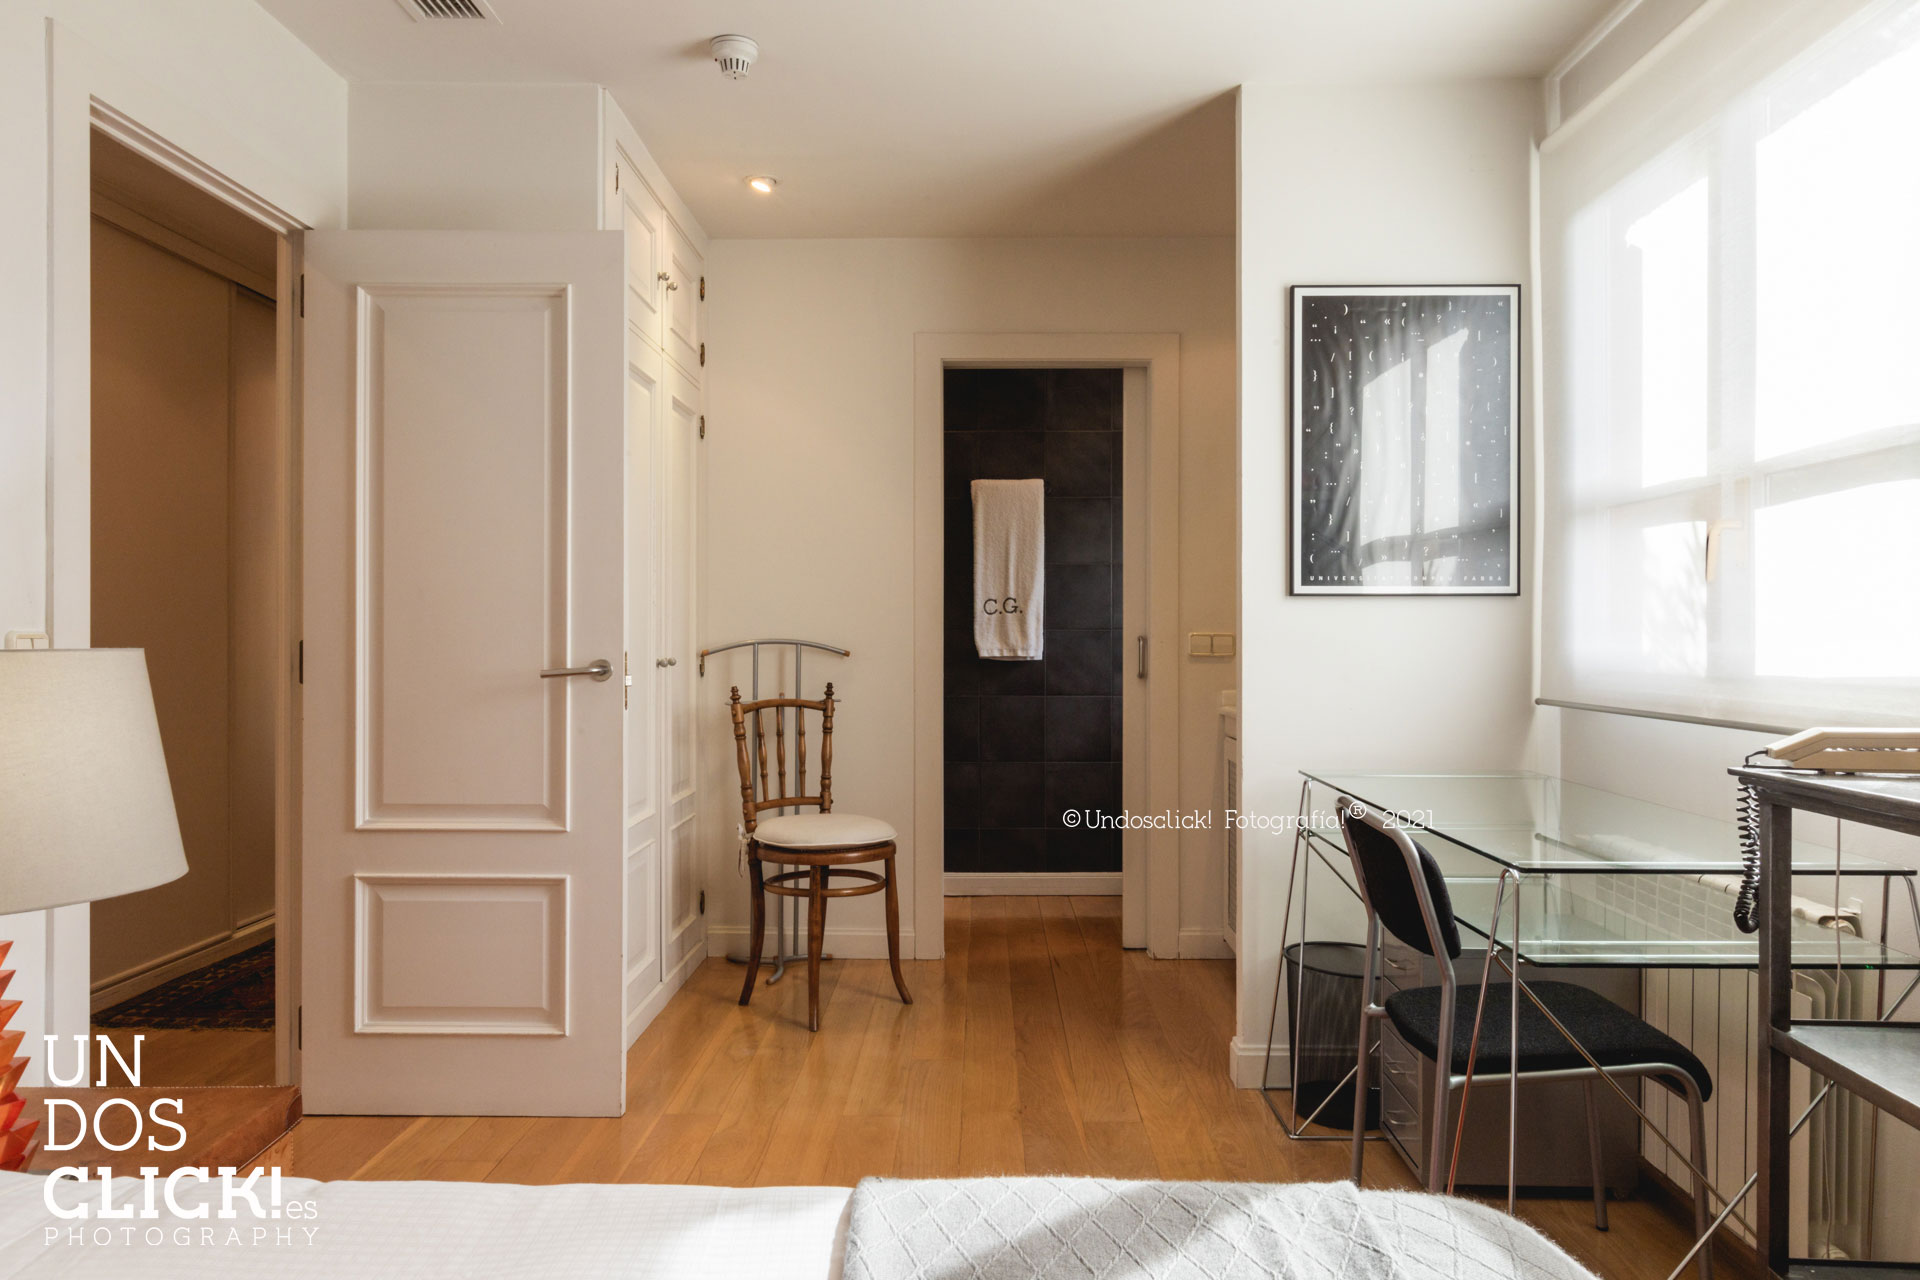 Fotografía Inmobiliaria - Interior Inmueble